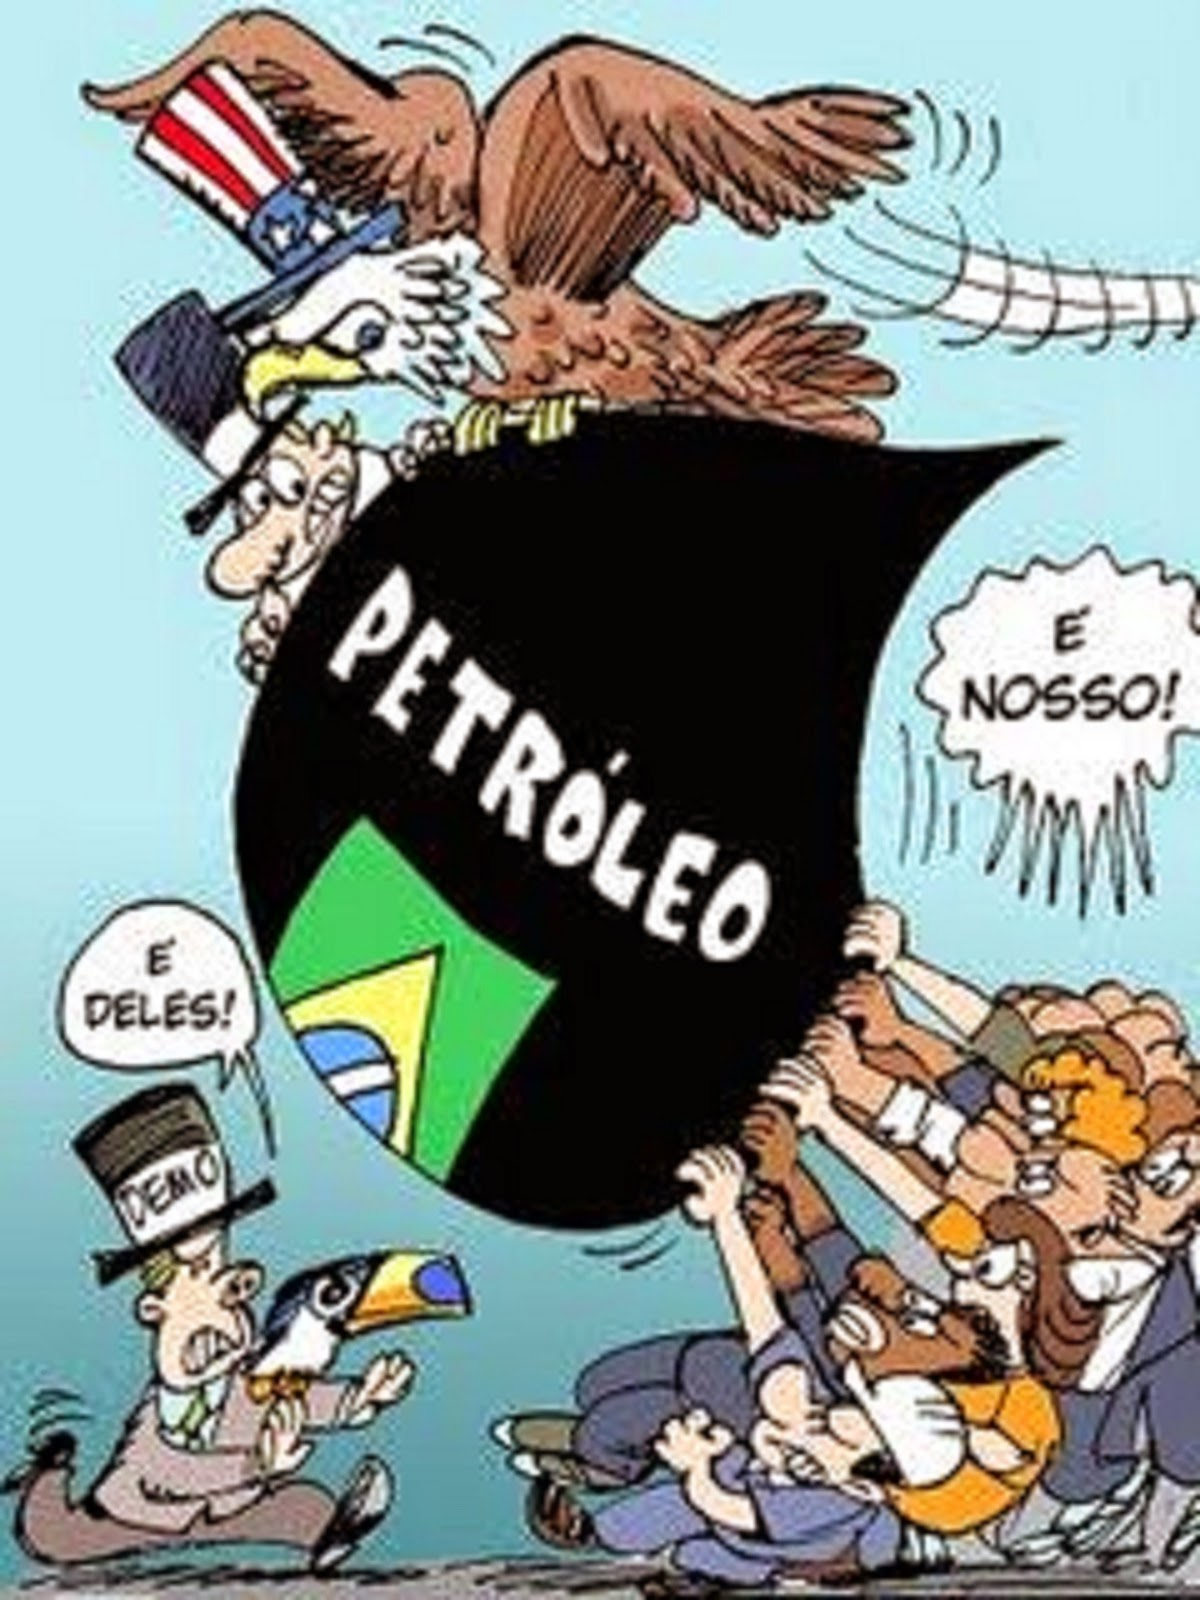 abaixo relacionamos documentos referente a embaixada americana no brasil e da ag ncia de intelig ncia stratfor que tem como alvo a petrobras  [ 1200 x 1600 Pixel ]